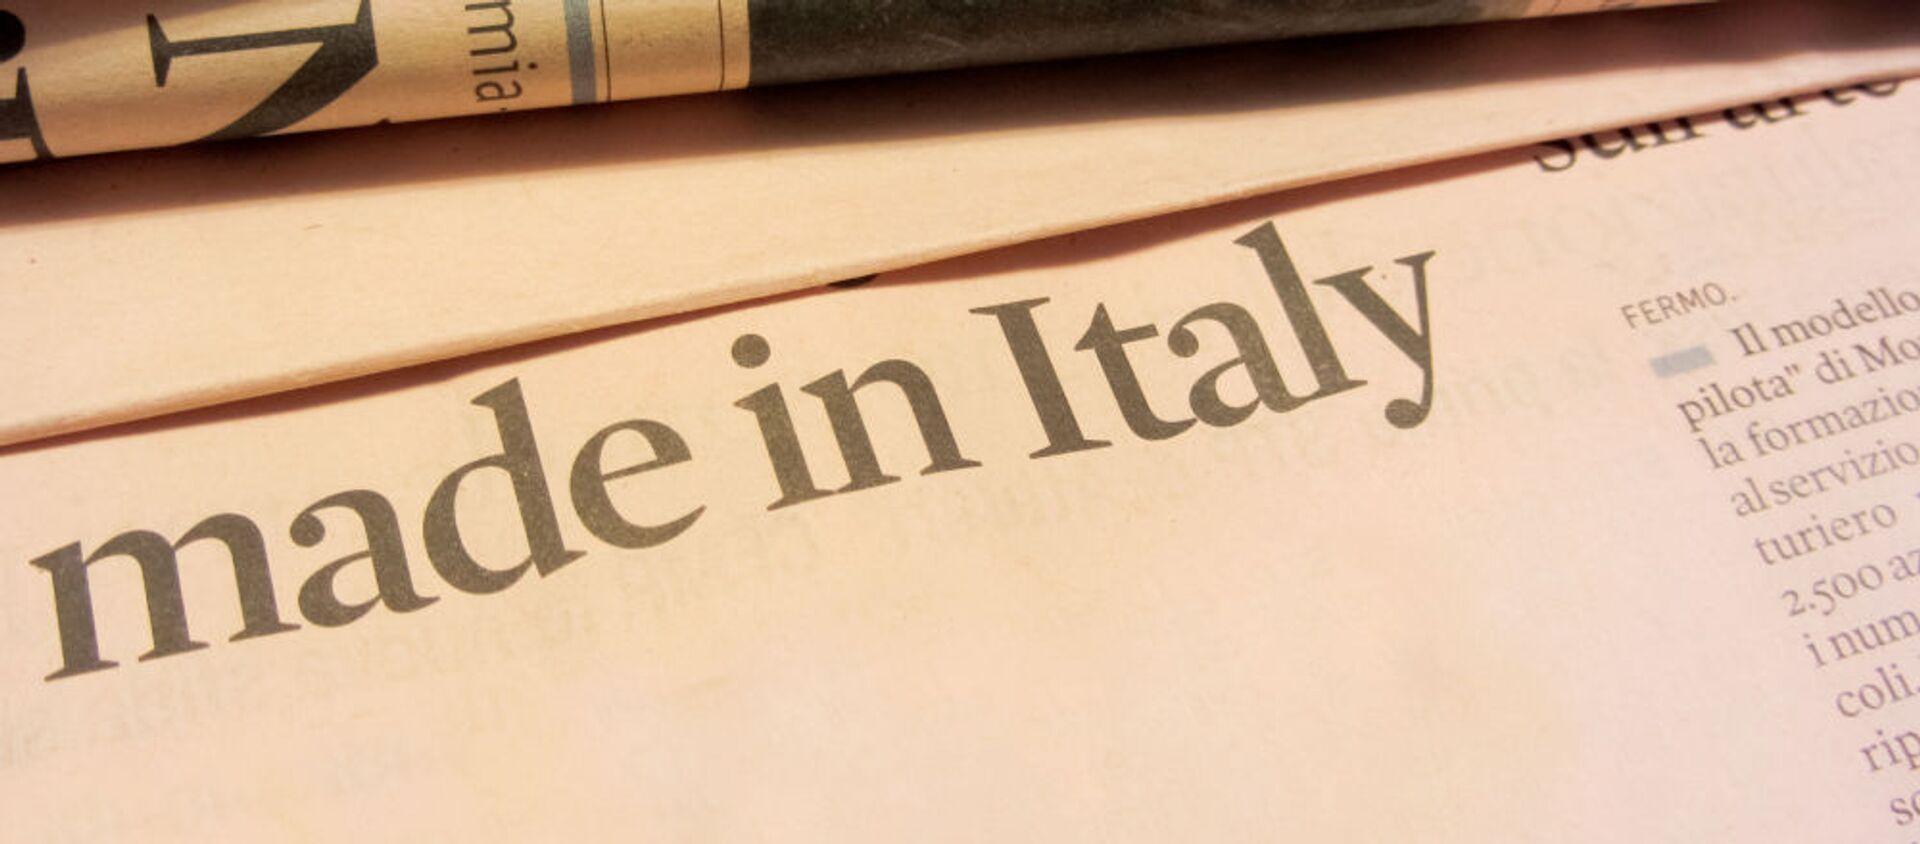 Made in Italy giornali - Sputnik Italia, 1920, 31.12.2020